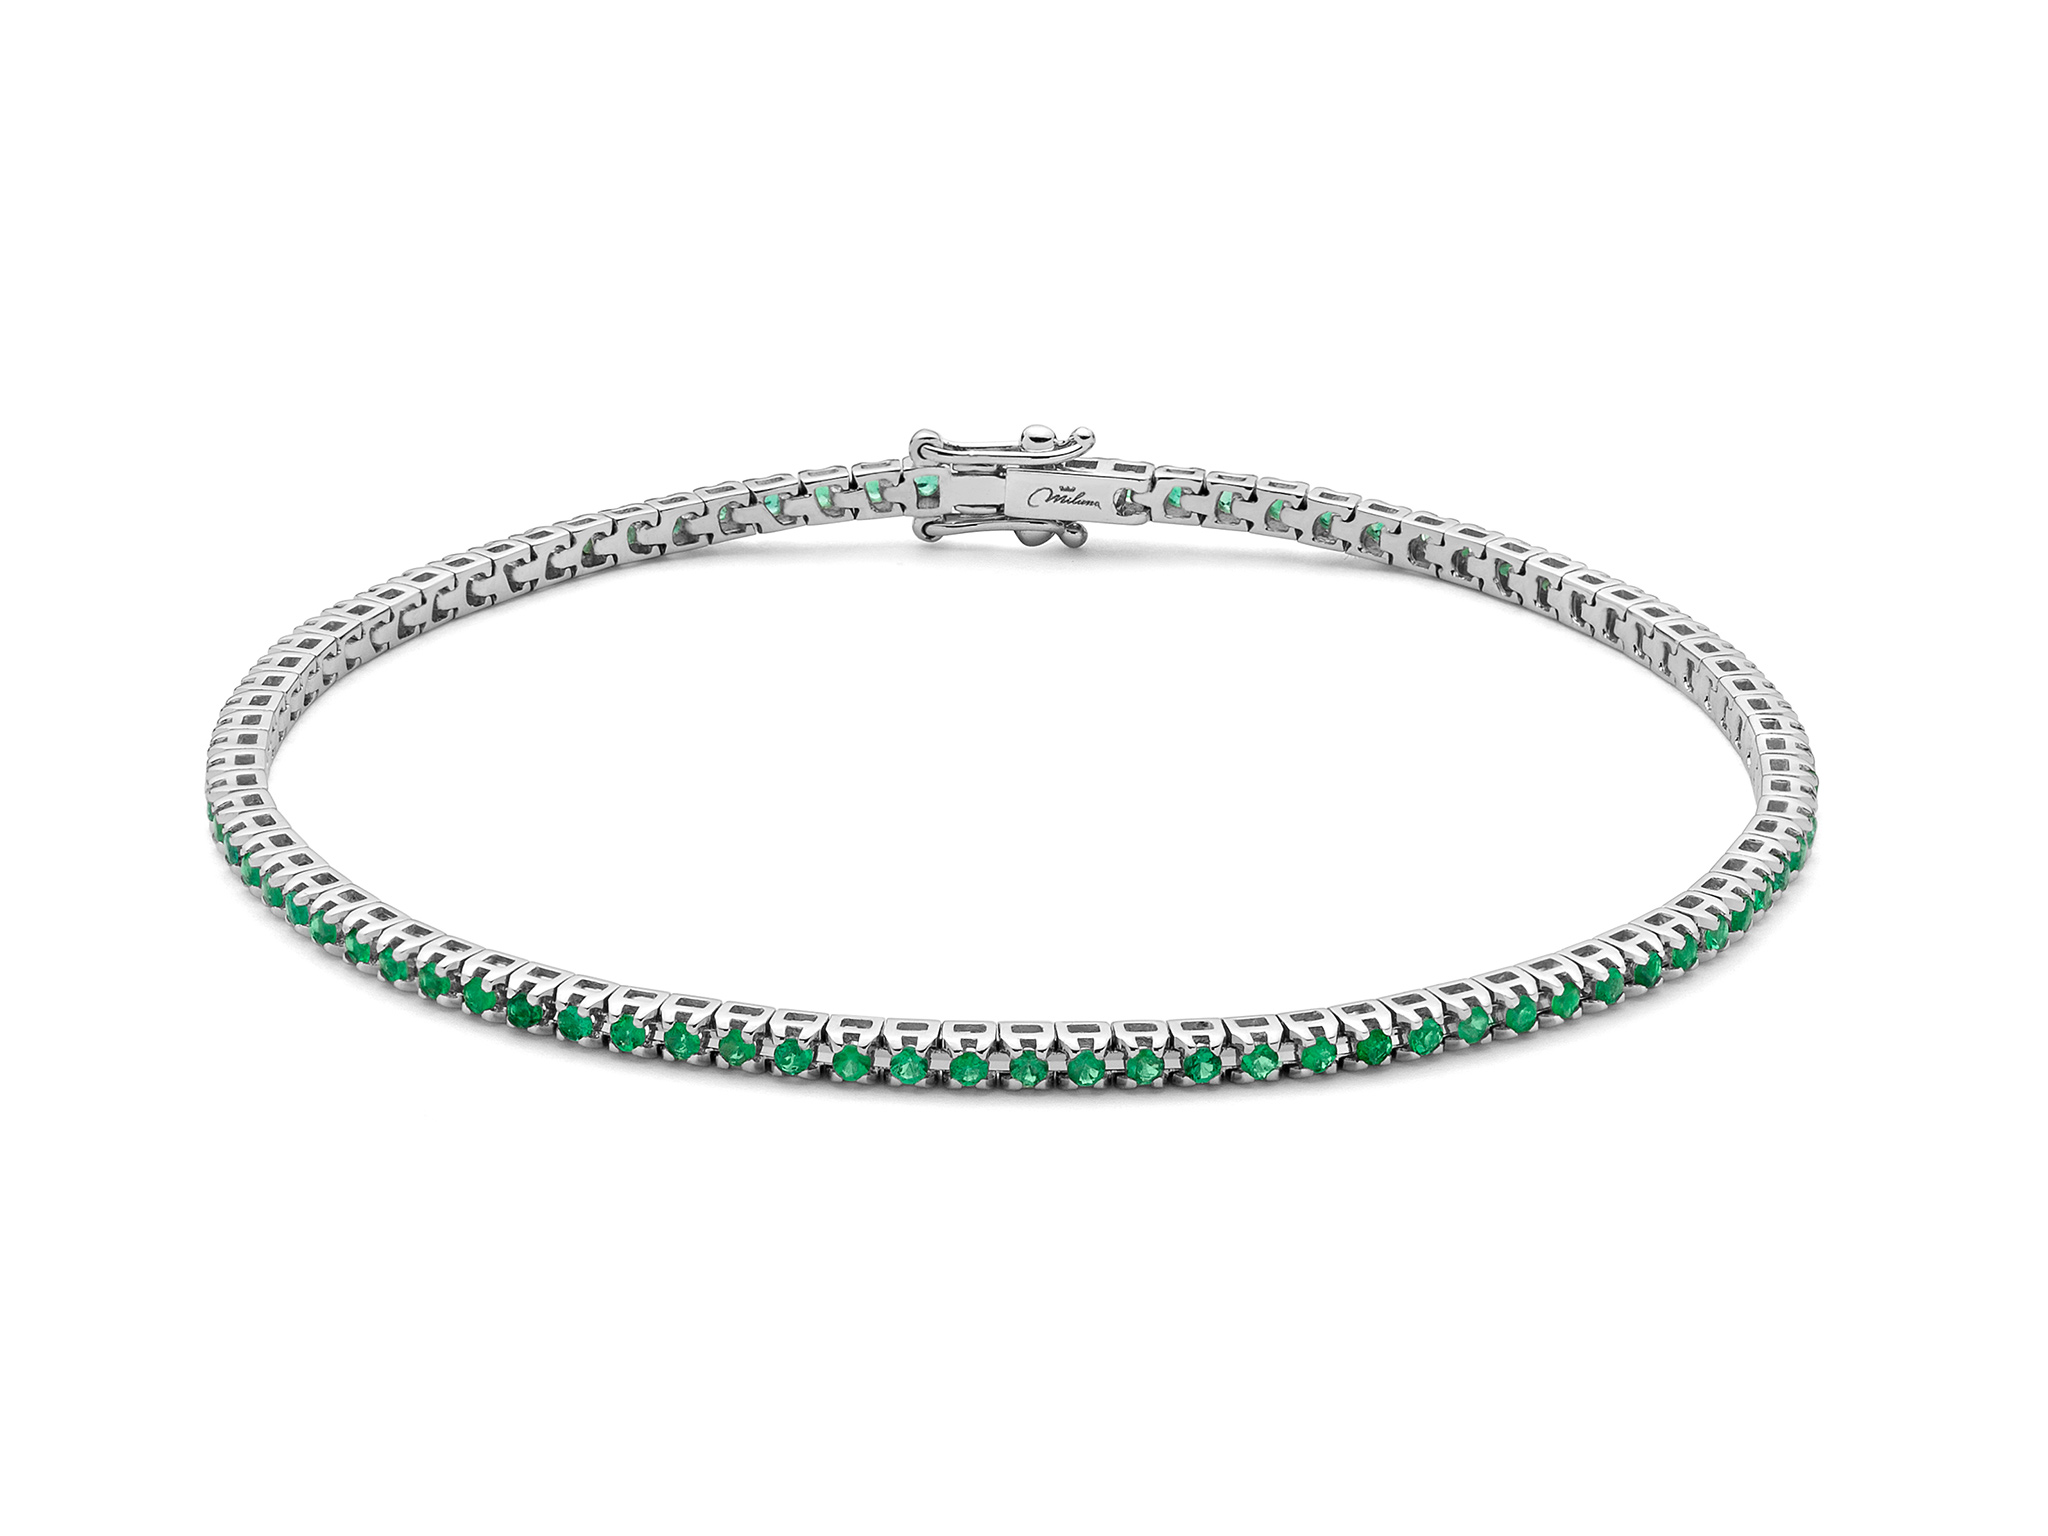 Bracciale tennis e smeraldo. - BRD893-095